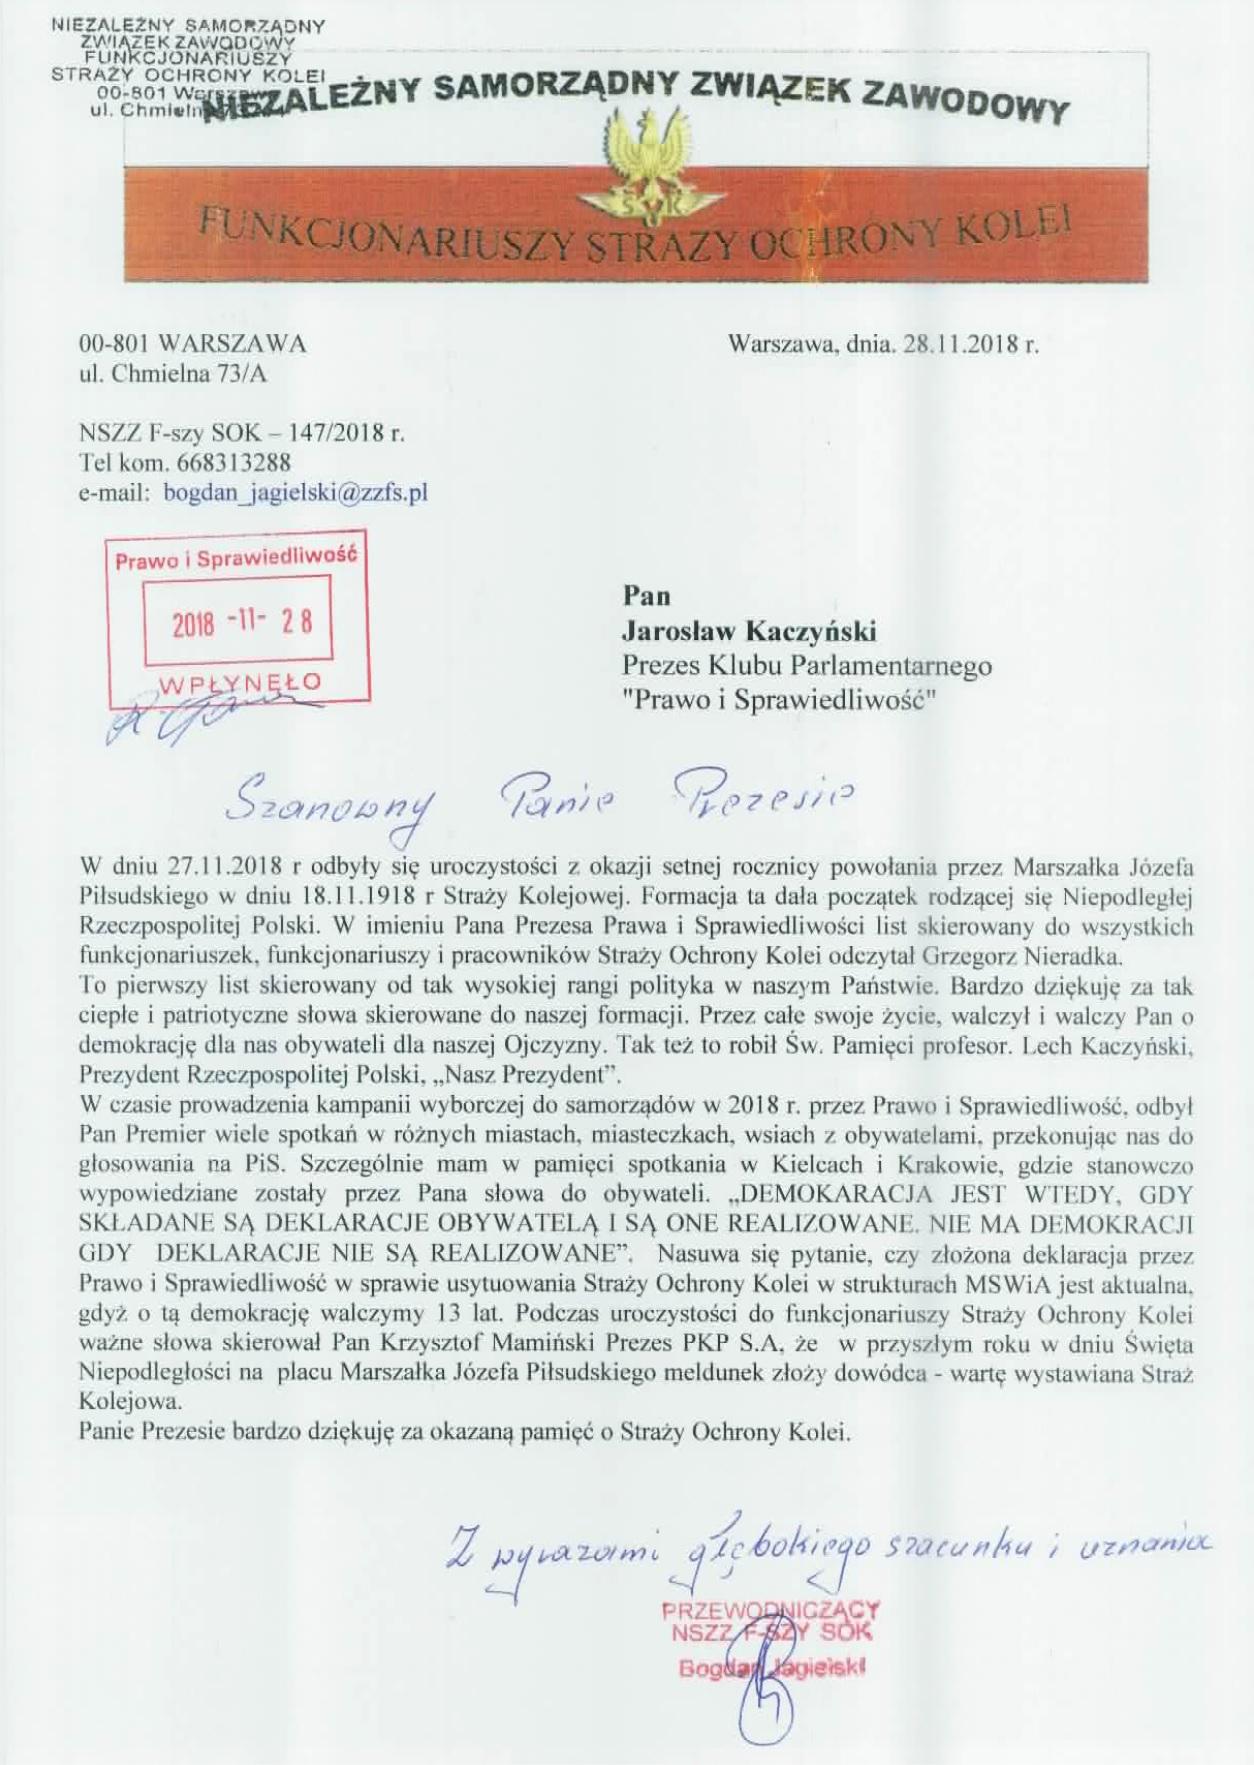 Pismo do Prezesa Kaczyskiegojpg